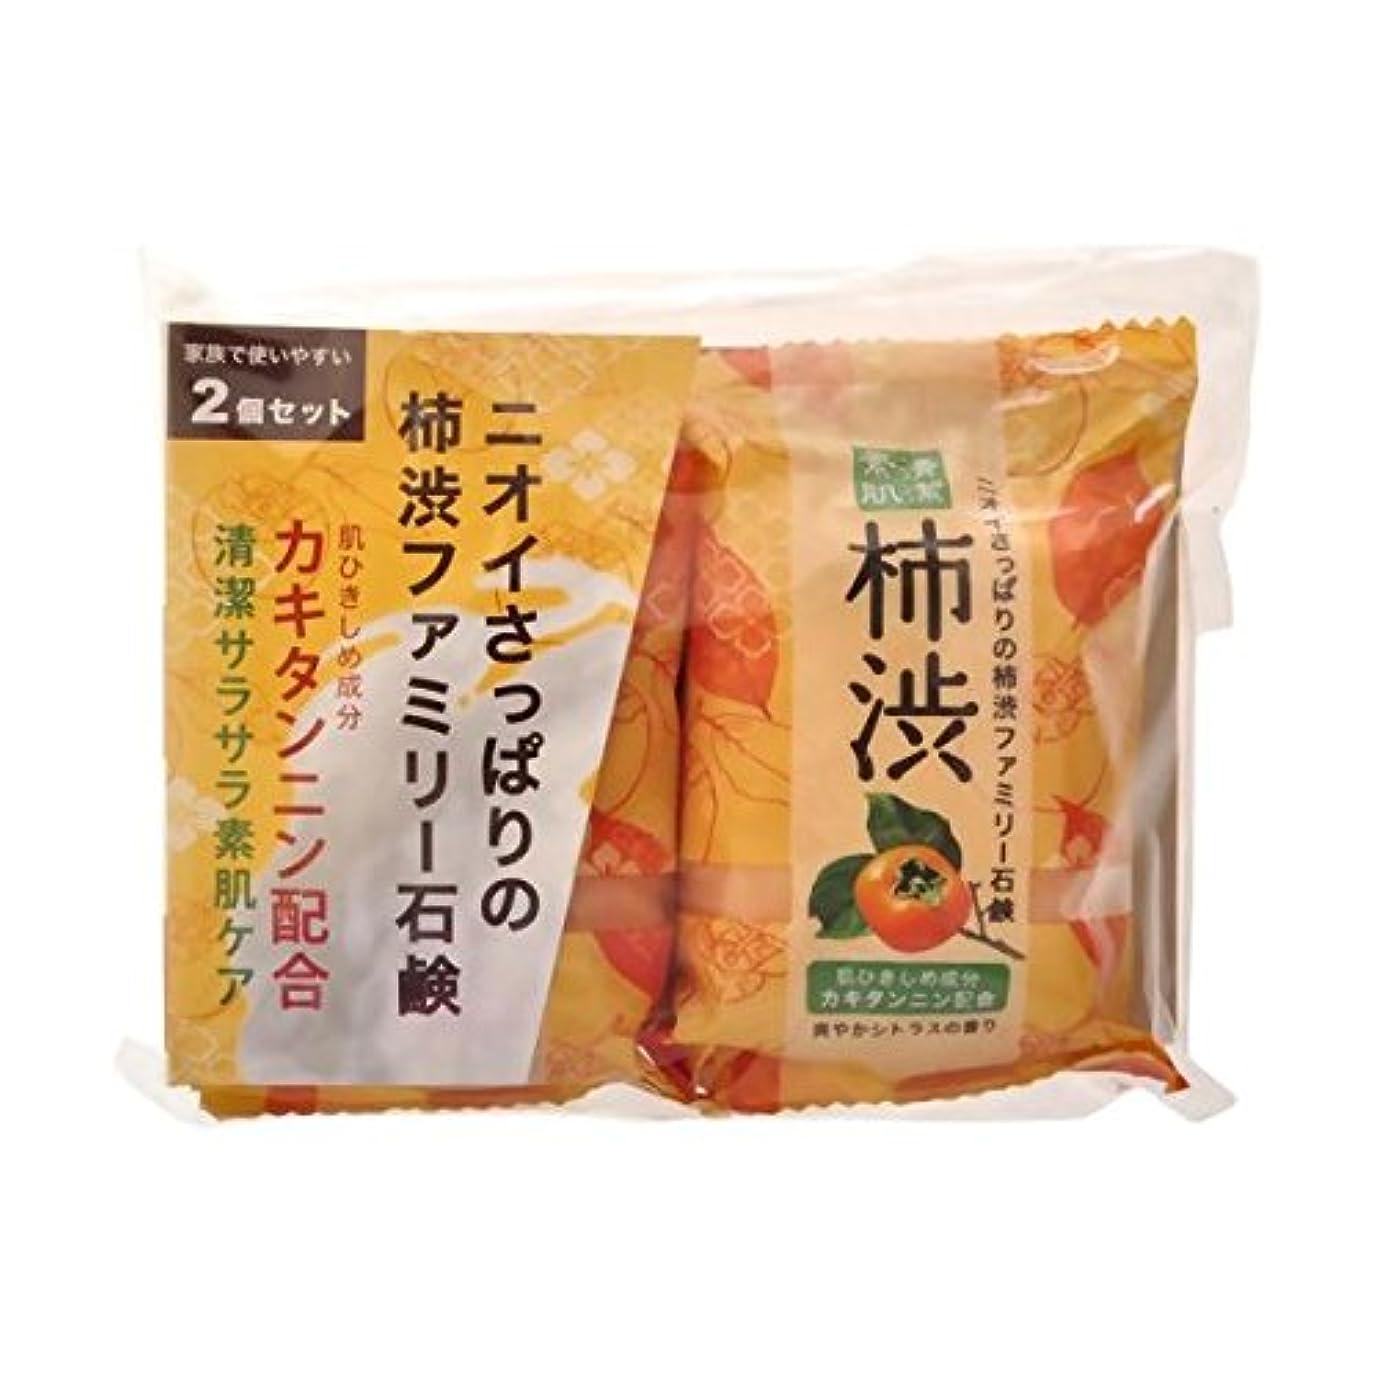 スパイラル小説家レジ【お徳用 6 セット】 ペリカン 柿渋ファミリー石鹸 80g×2個×6セット